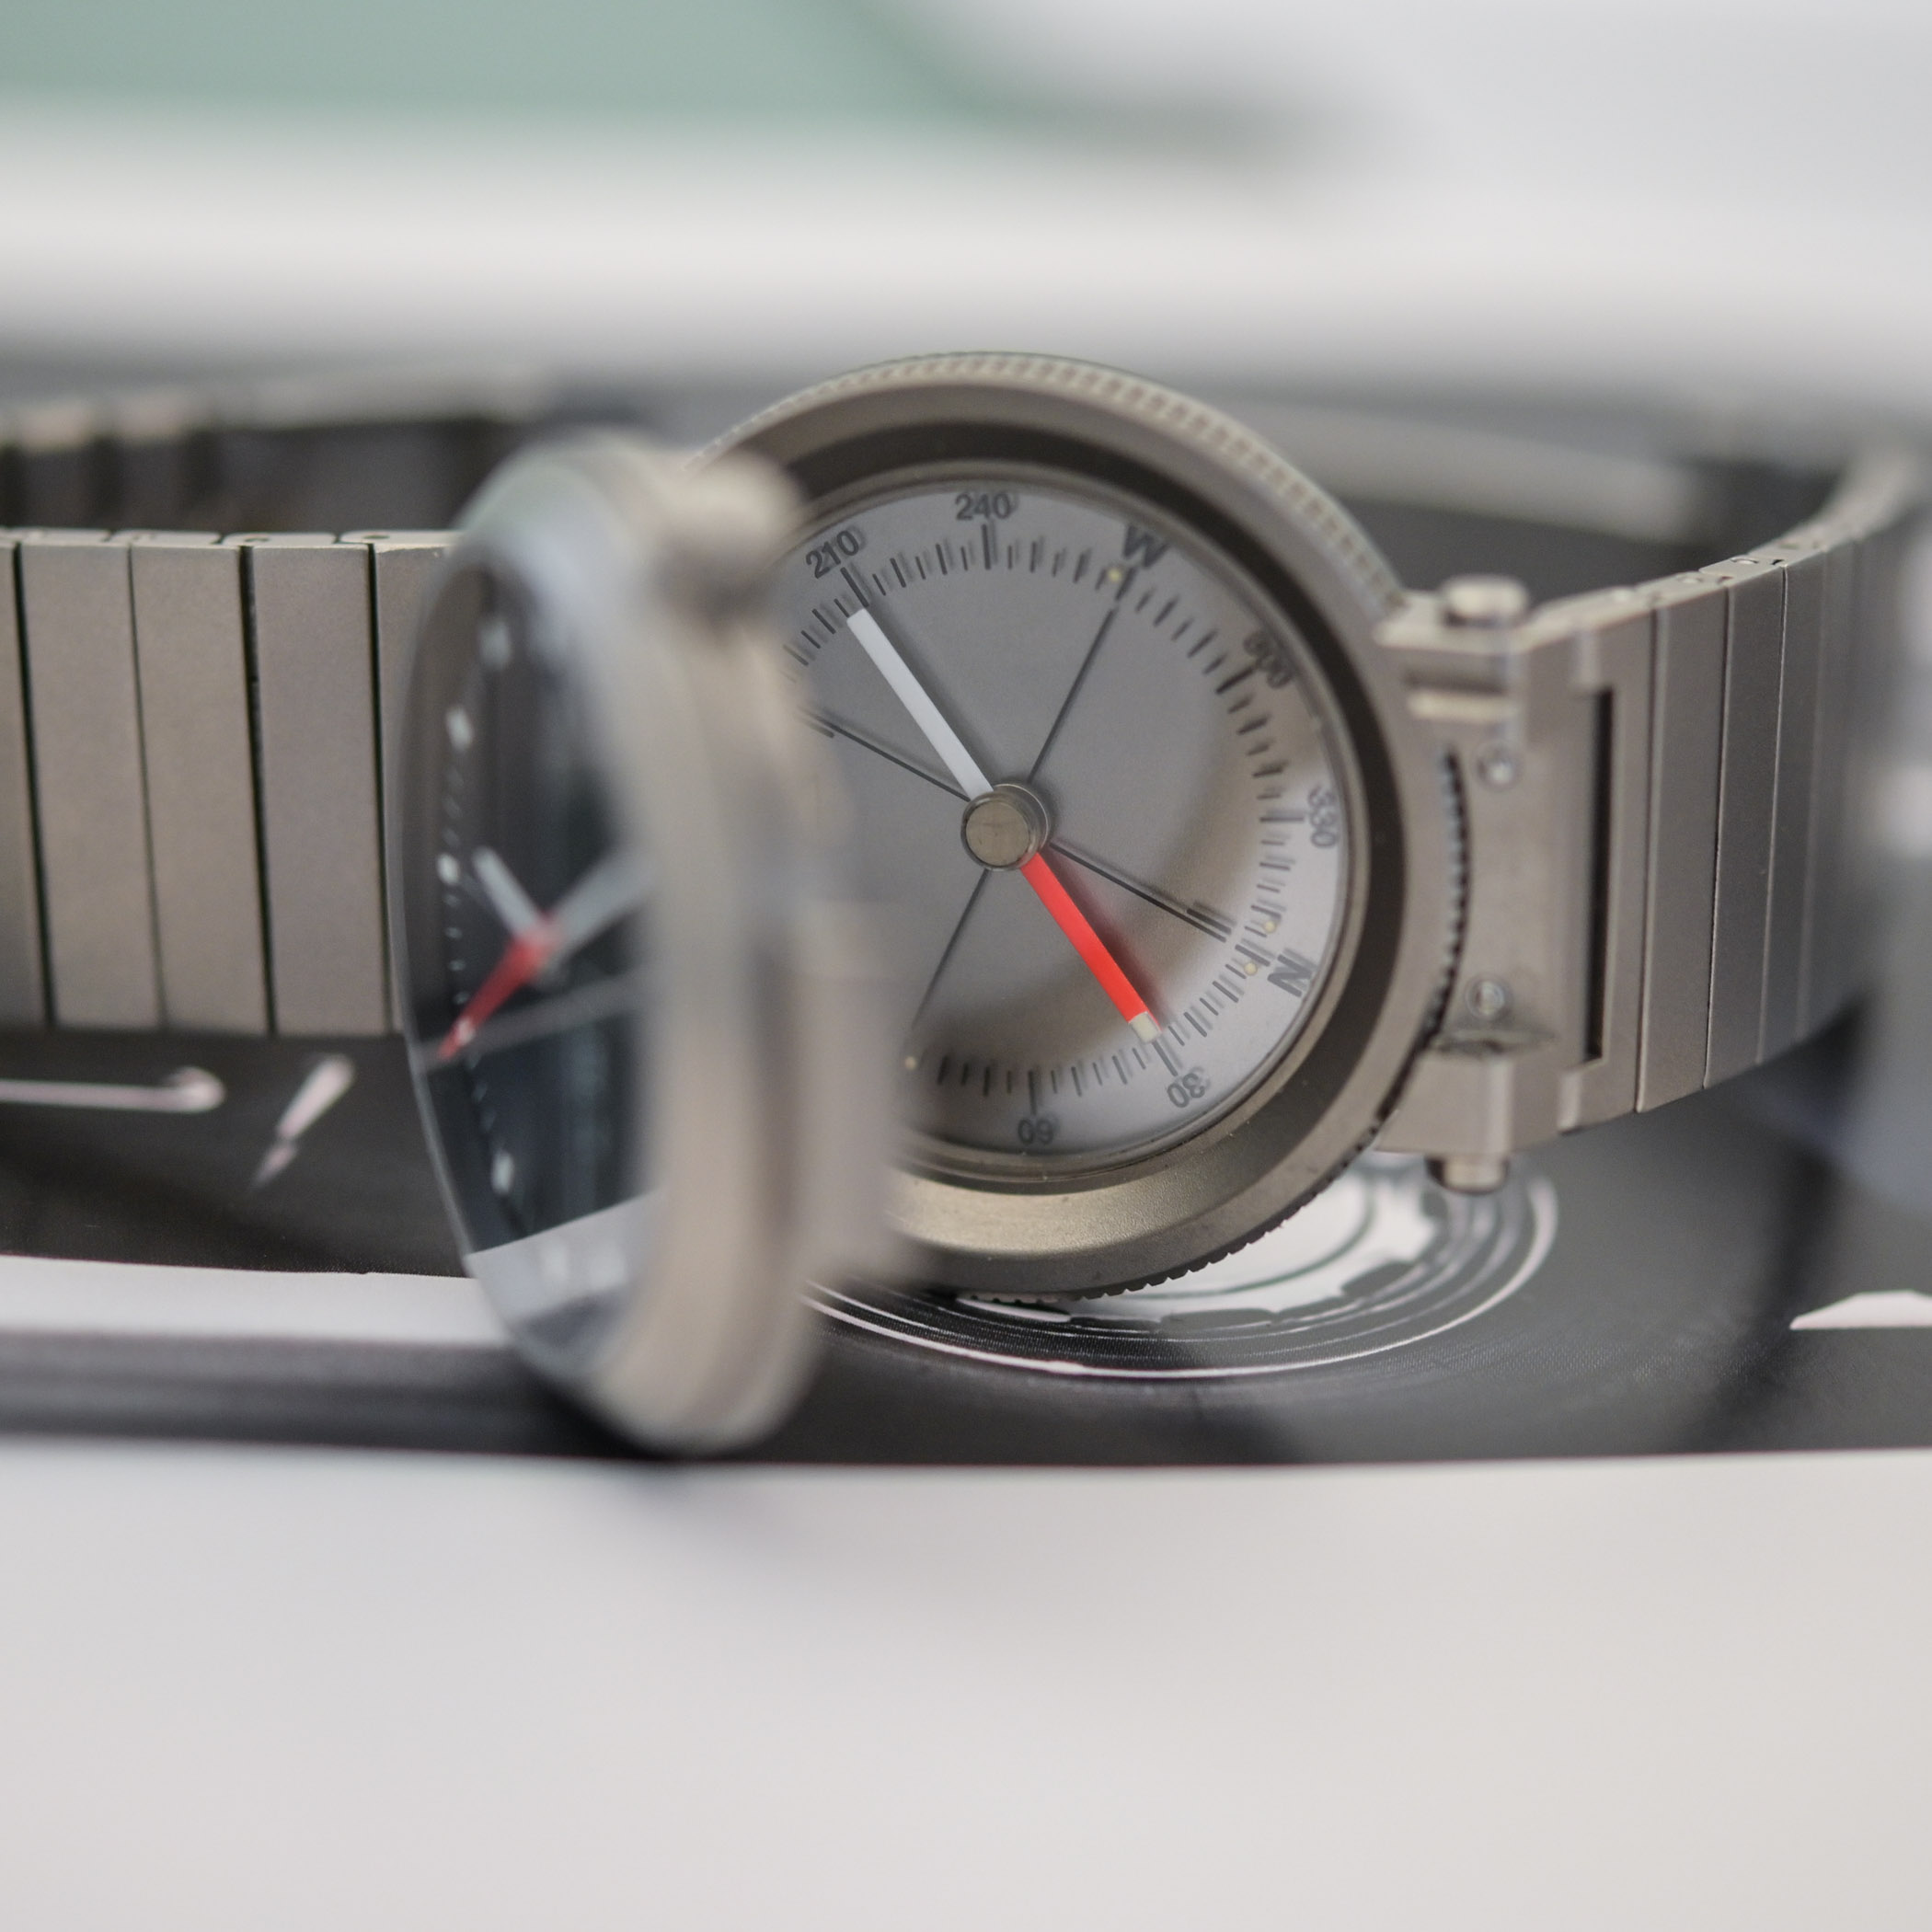 Porsche Design IWC 3150 compass watch - 1